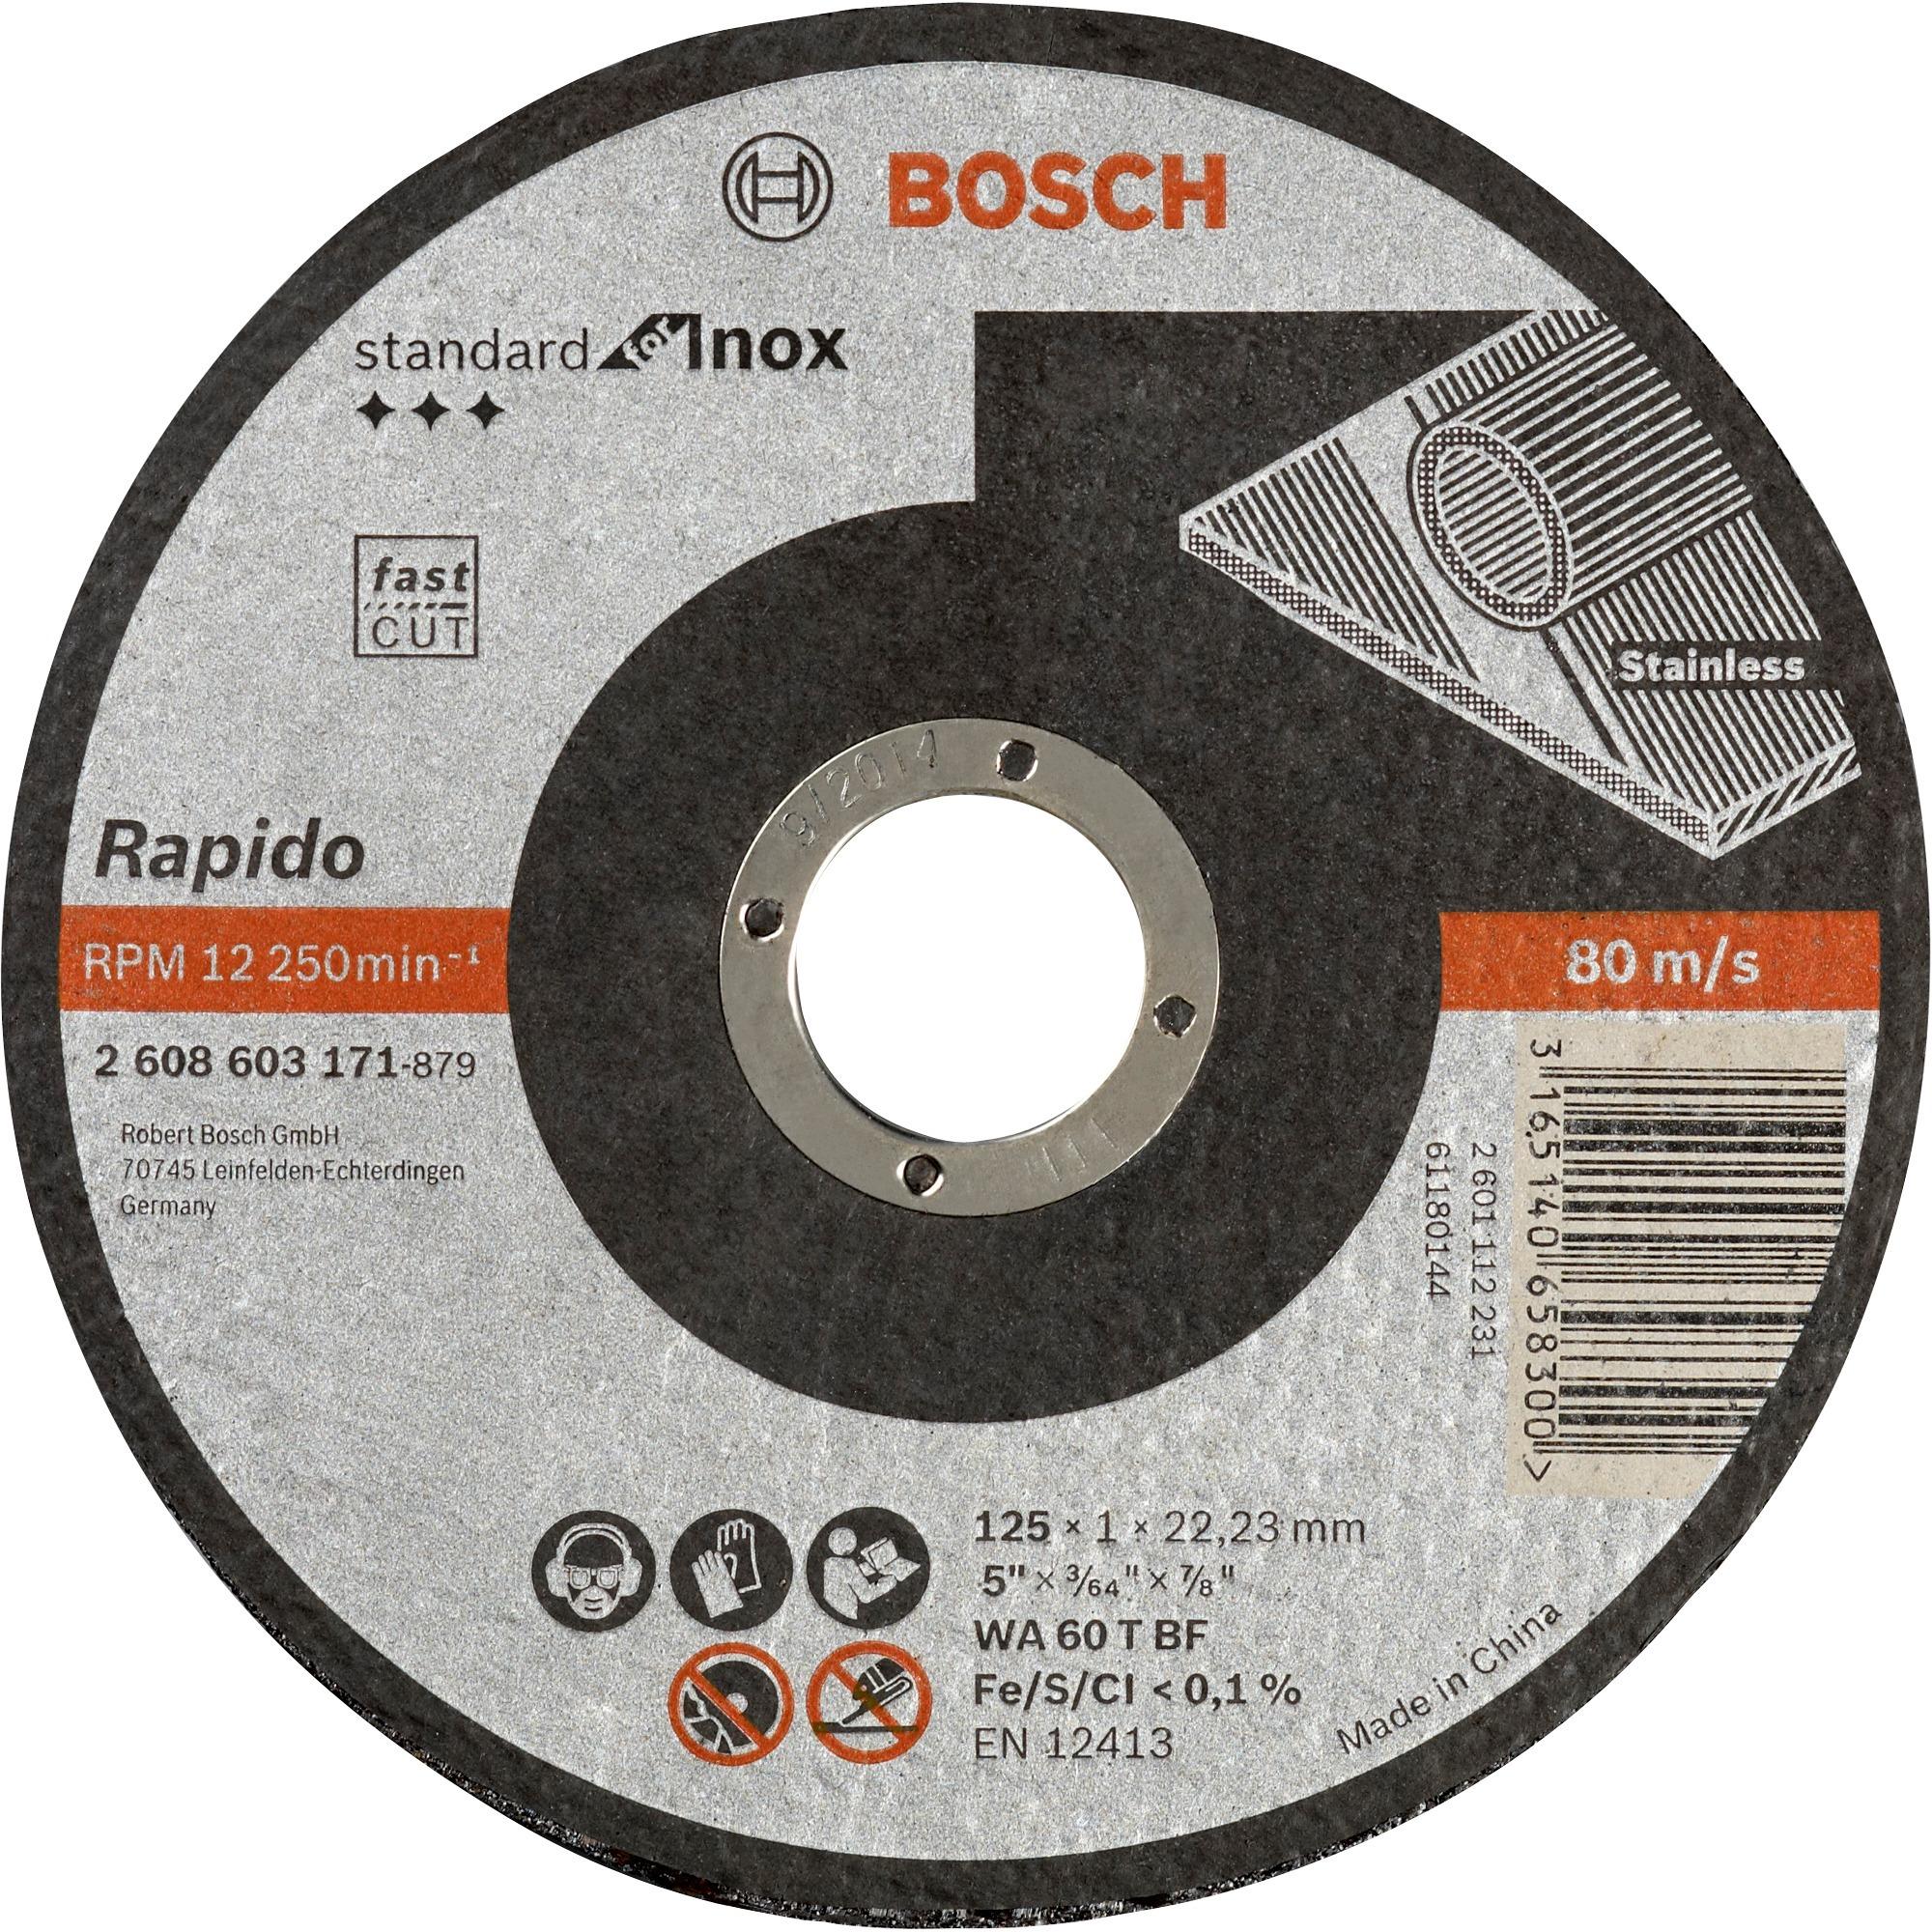 Bosch Trennscheiben Standard For Inox Rapido 125x1mm Wa 60 T Bf